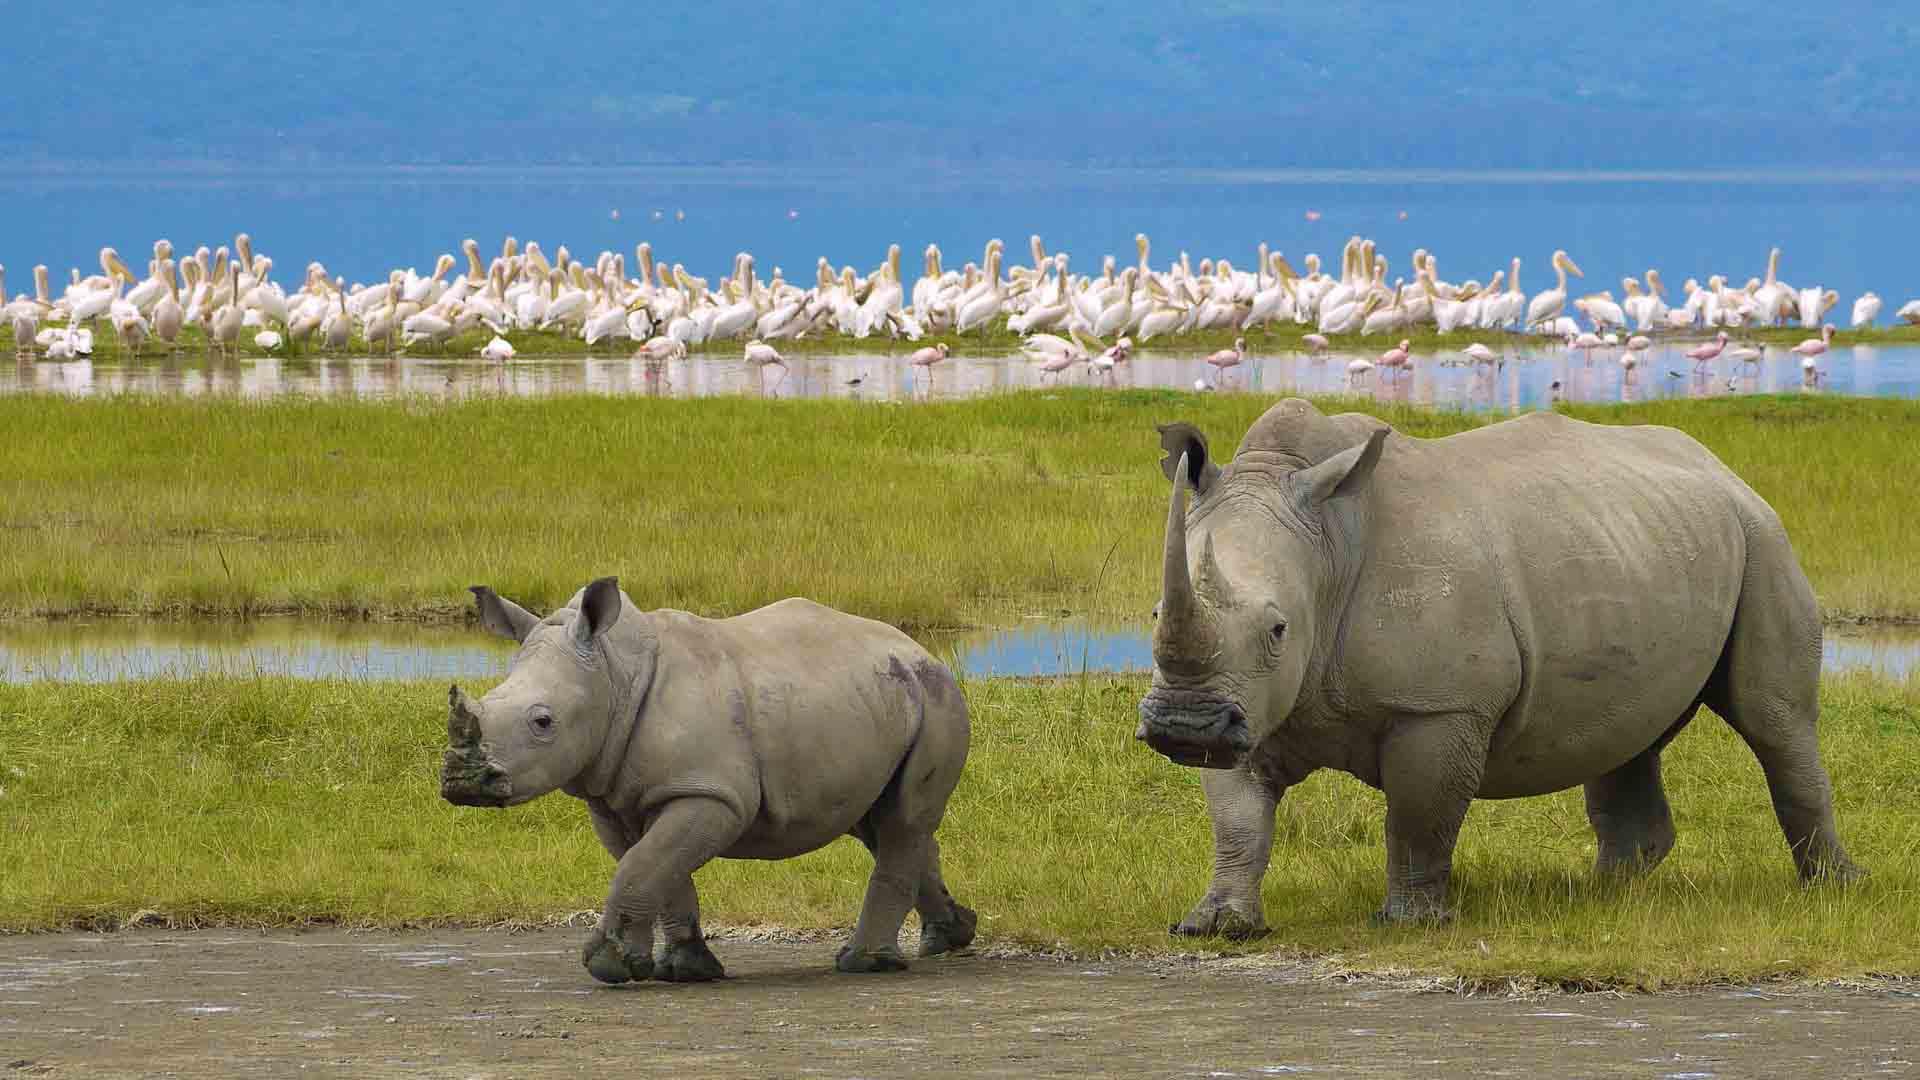 nws-st-tanzania-rhino-ngorongoro-crater.